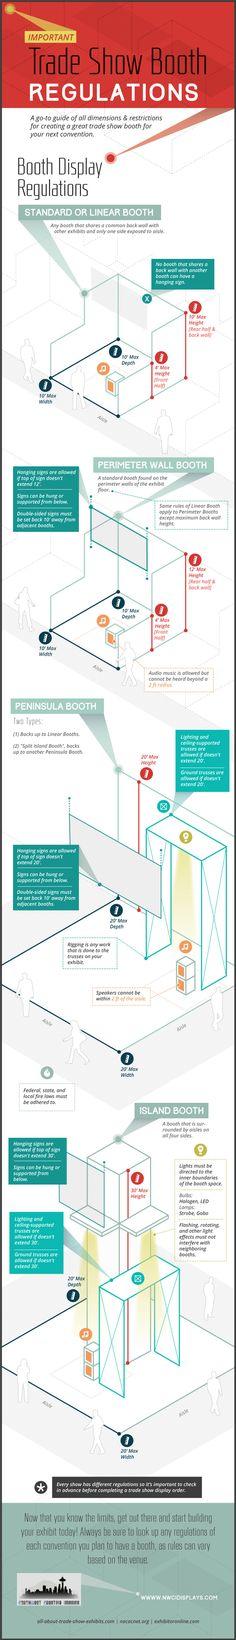 Exhibition Stand Regulations : Exhibition stand design szukaj w google